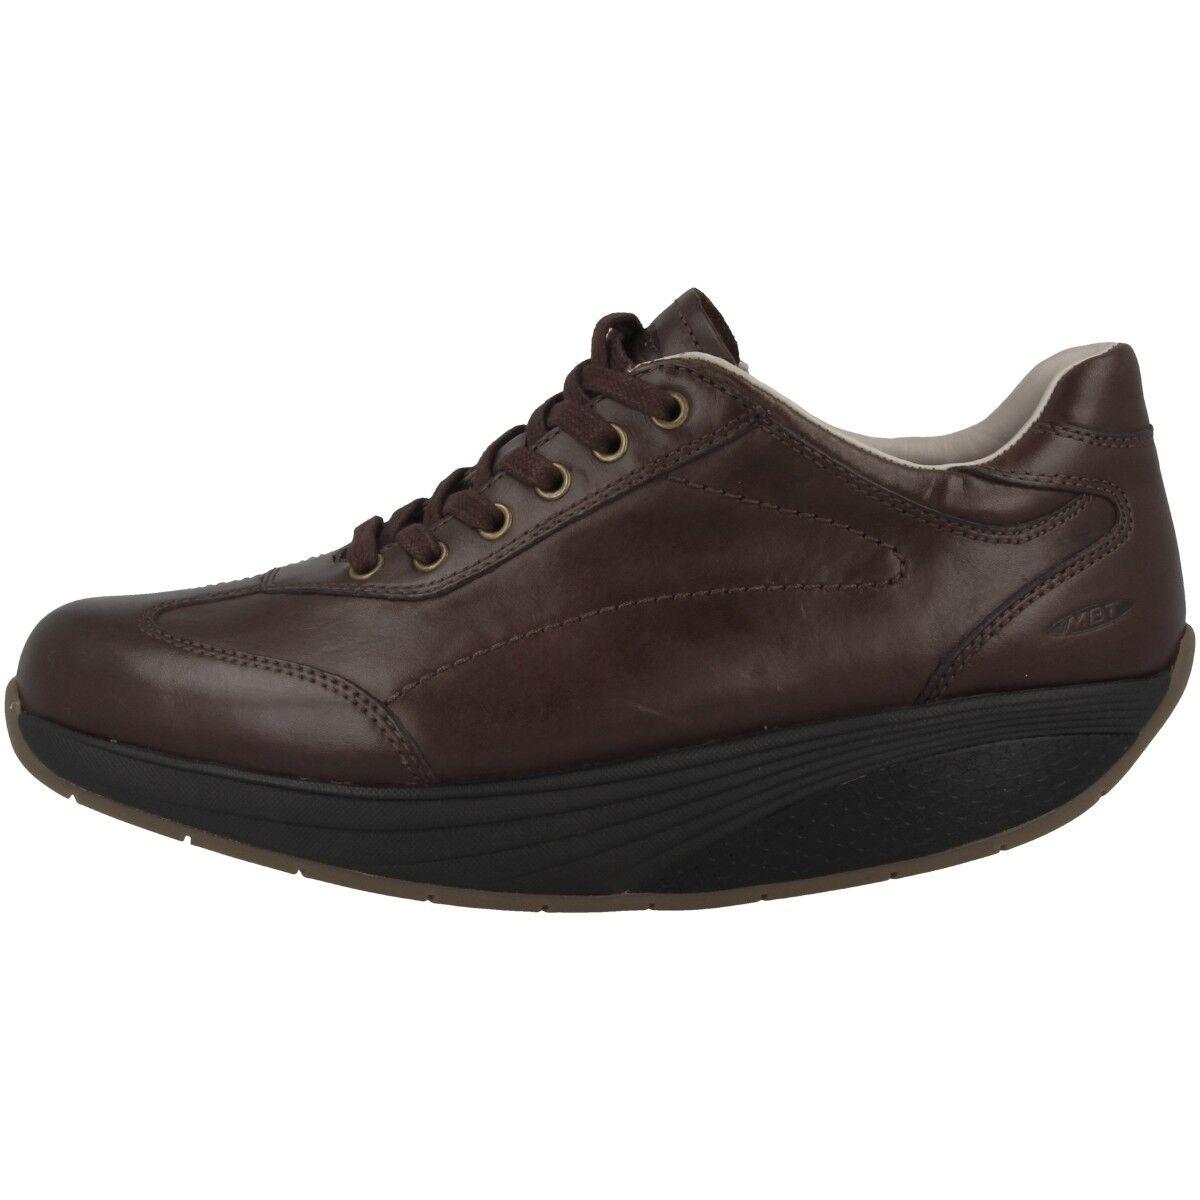 MBT Pata Classic Zip Damens Schuhe Damen Fitness Gesundheitsschuhe 700396-118N